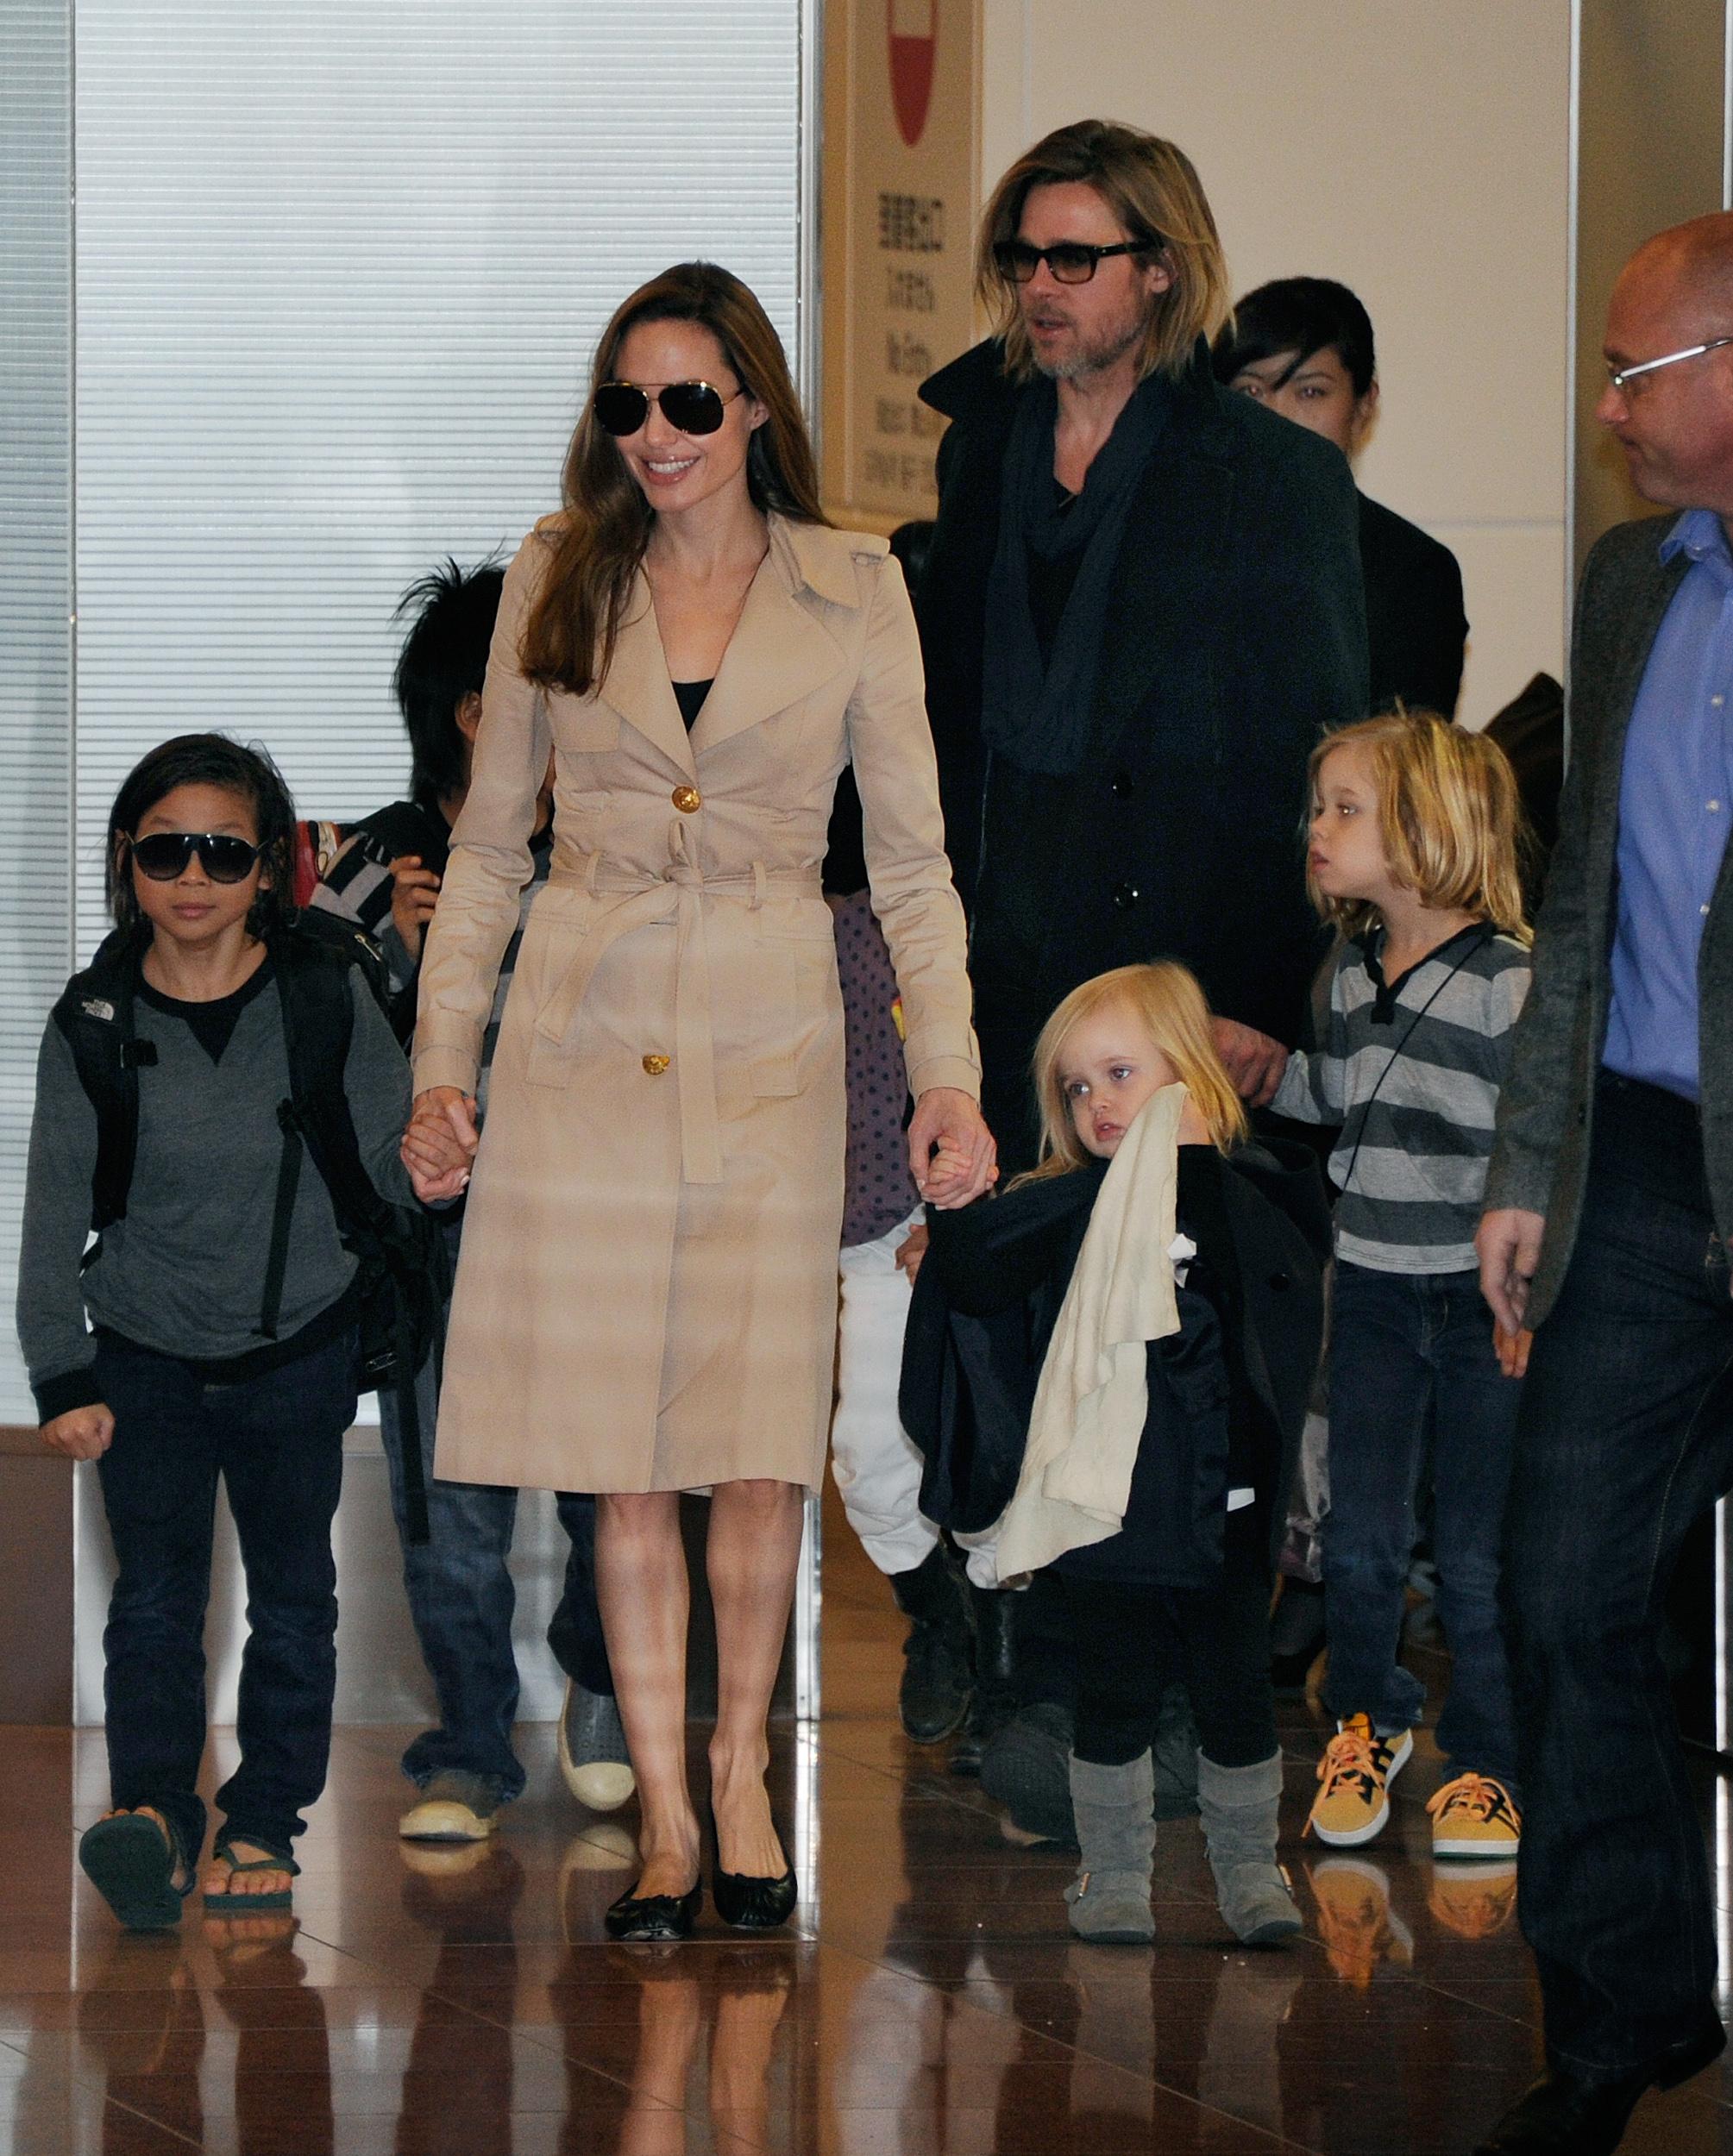 Brad Pitt and Angelina Jolie with children